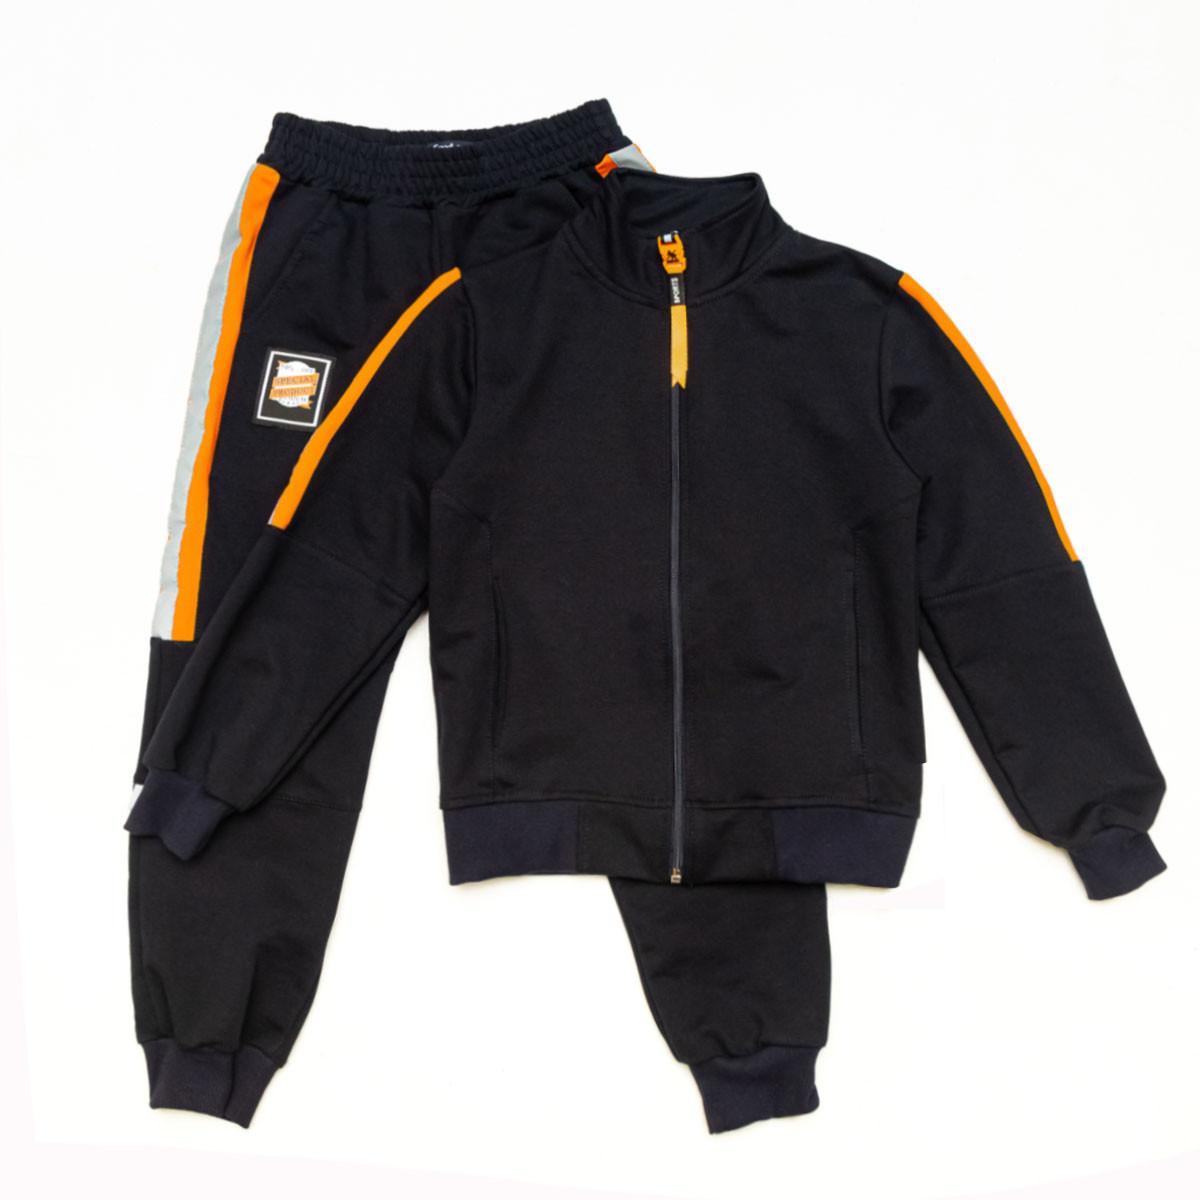 Костюм спортивный для мальчика р.128,140 SmileTime Rider, синий с оранжевым